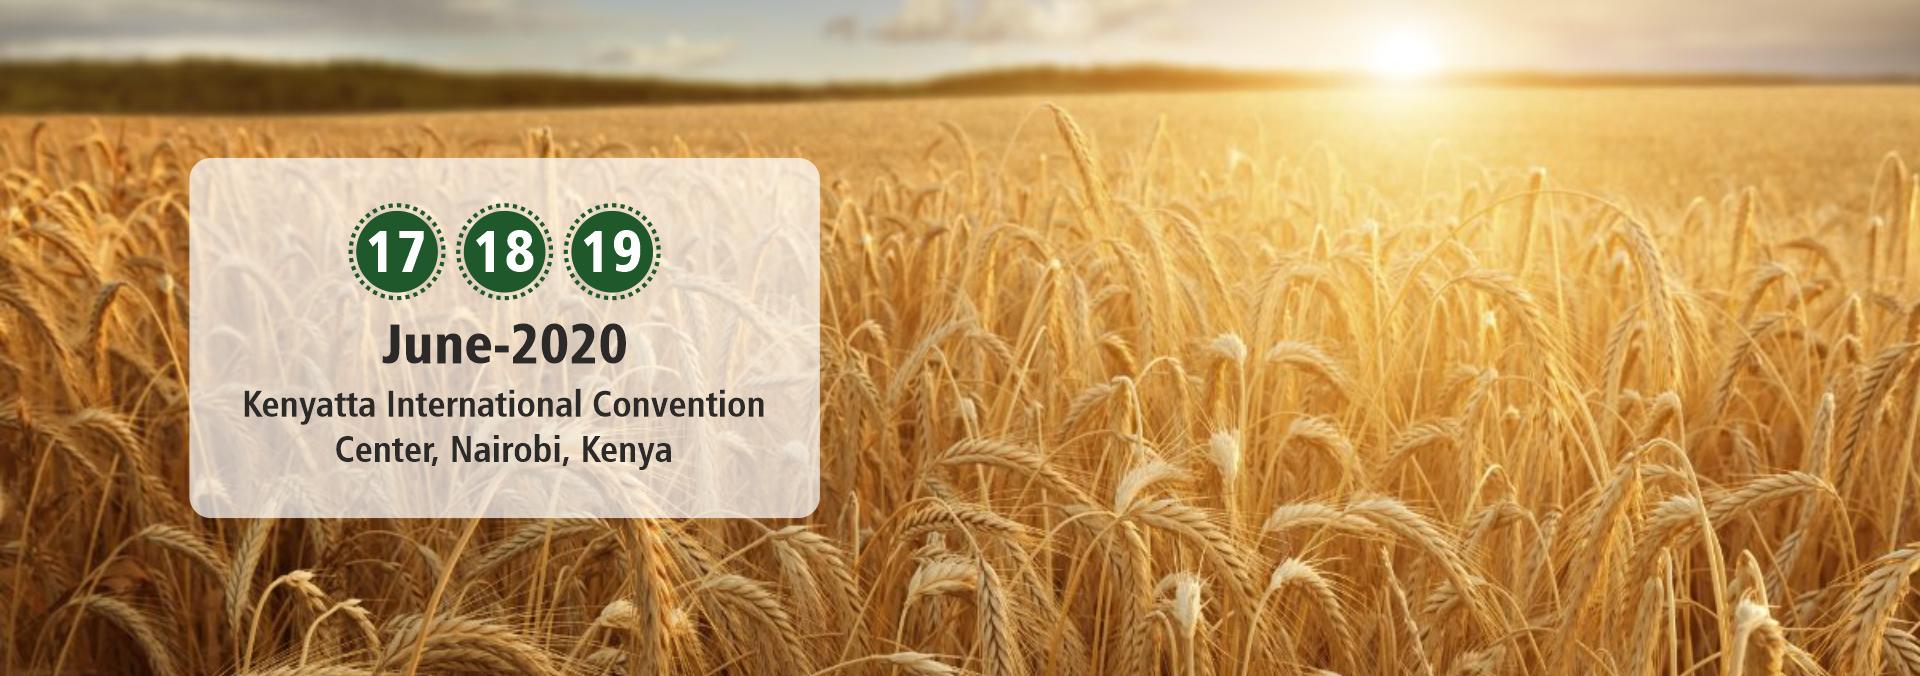 Graintech Africa – International Grain Exhibition